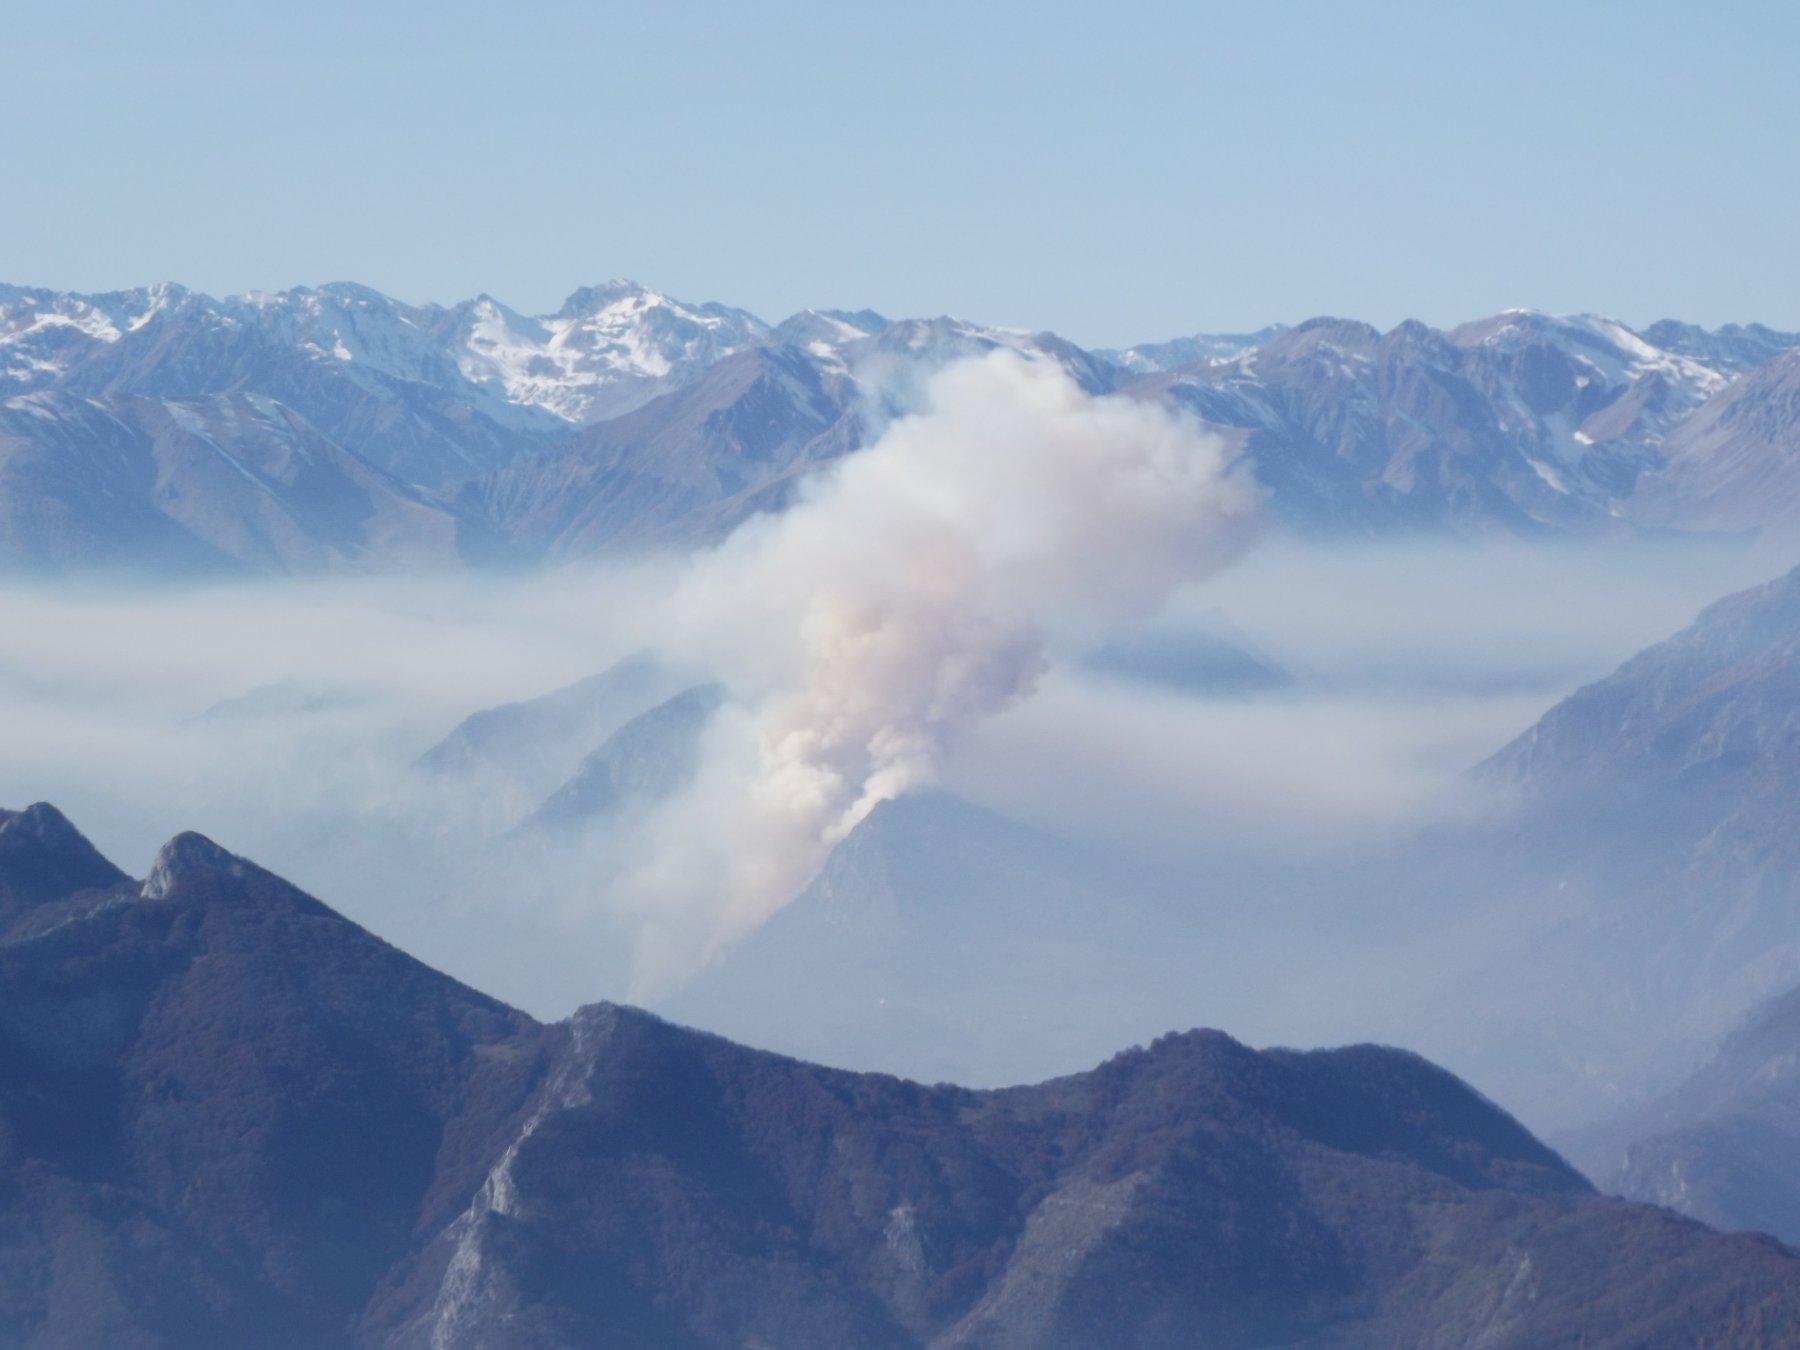 Incendio sui monti a Demonte, in Valle Stura